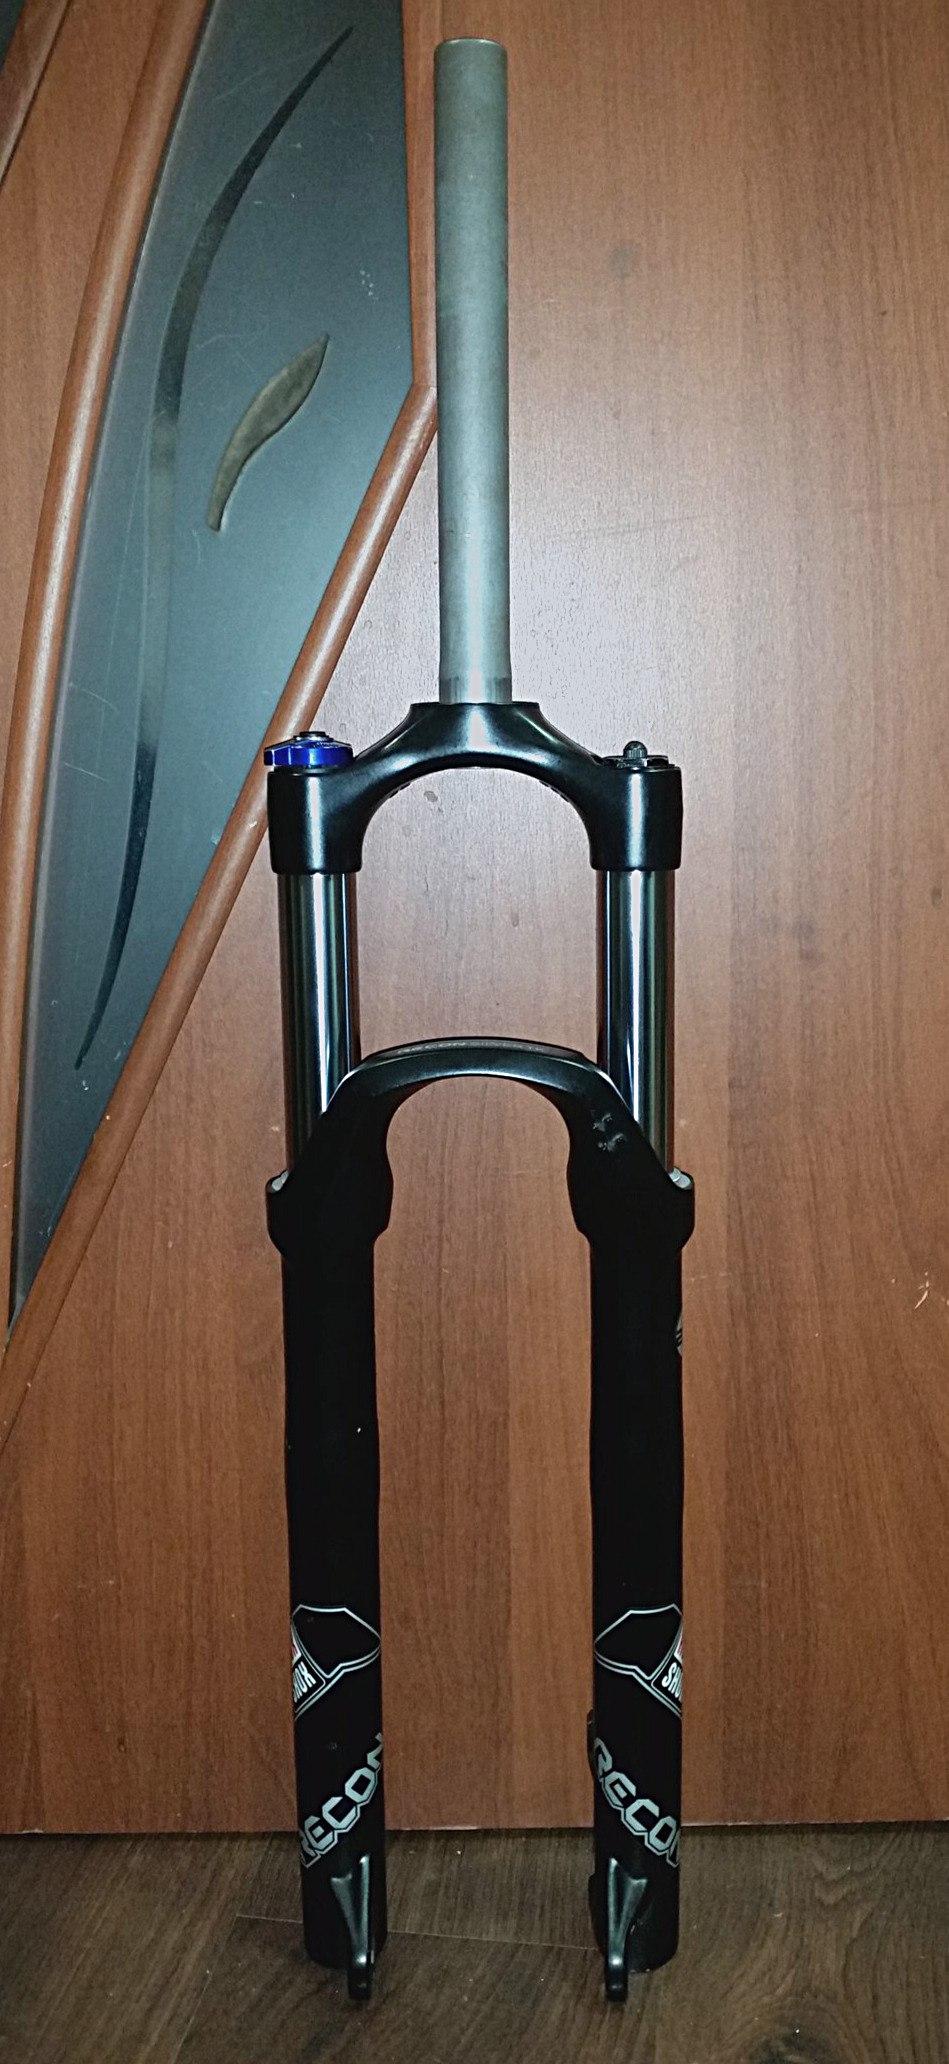 Покупка и продажа: велосипеды, комплектущие и аксессуары - Страница 4 KkwImtcFL24